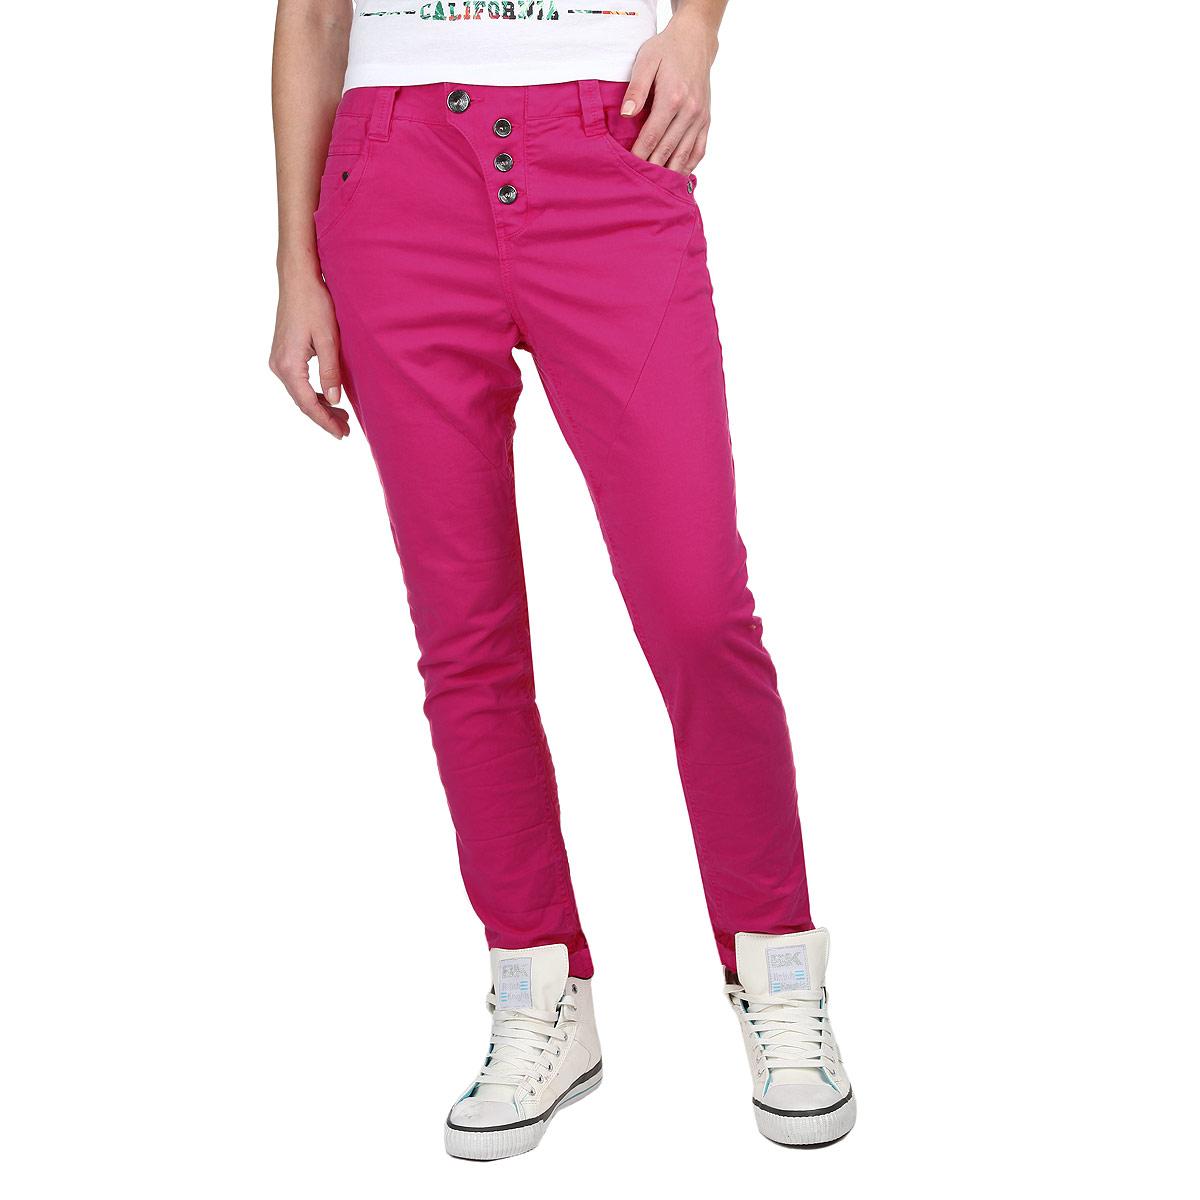 Джинсы женские Denim. 6402908.00.716402908.00.71_5521Стильные женские джинсы Tom Tailor - отличный выбор на каждый день, ведь они прекрасно сидят на фигуре. Модель зауженного кроя и средней посадки изготовлена из высококачественного материала. Застегиваются джинсы с помощью пуговицы на поясе и ширинки на металлических пуговицах. Имеются шлевки для ремня. Спереди модель оформлена двумя втачными карманами с косыми срезами и одним небольшим секретным кармашком, а сзади - двумя накладными карманами. Спереди один из карманов оформлен небольшой металлической пластиной с гравировкой Denim. Эти модные и в тоже время комфортные джинсы послужат отличным дополнением к вашему гардеробу. В них вы всегда будете чувствовать себя уютно и комфортно.